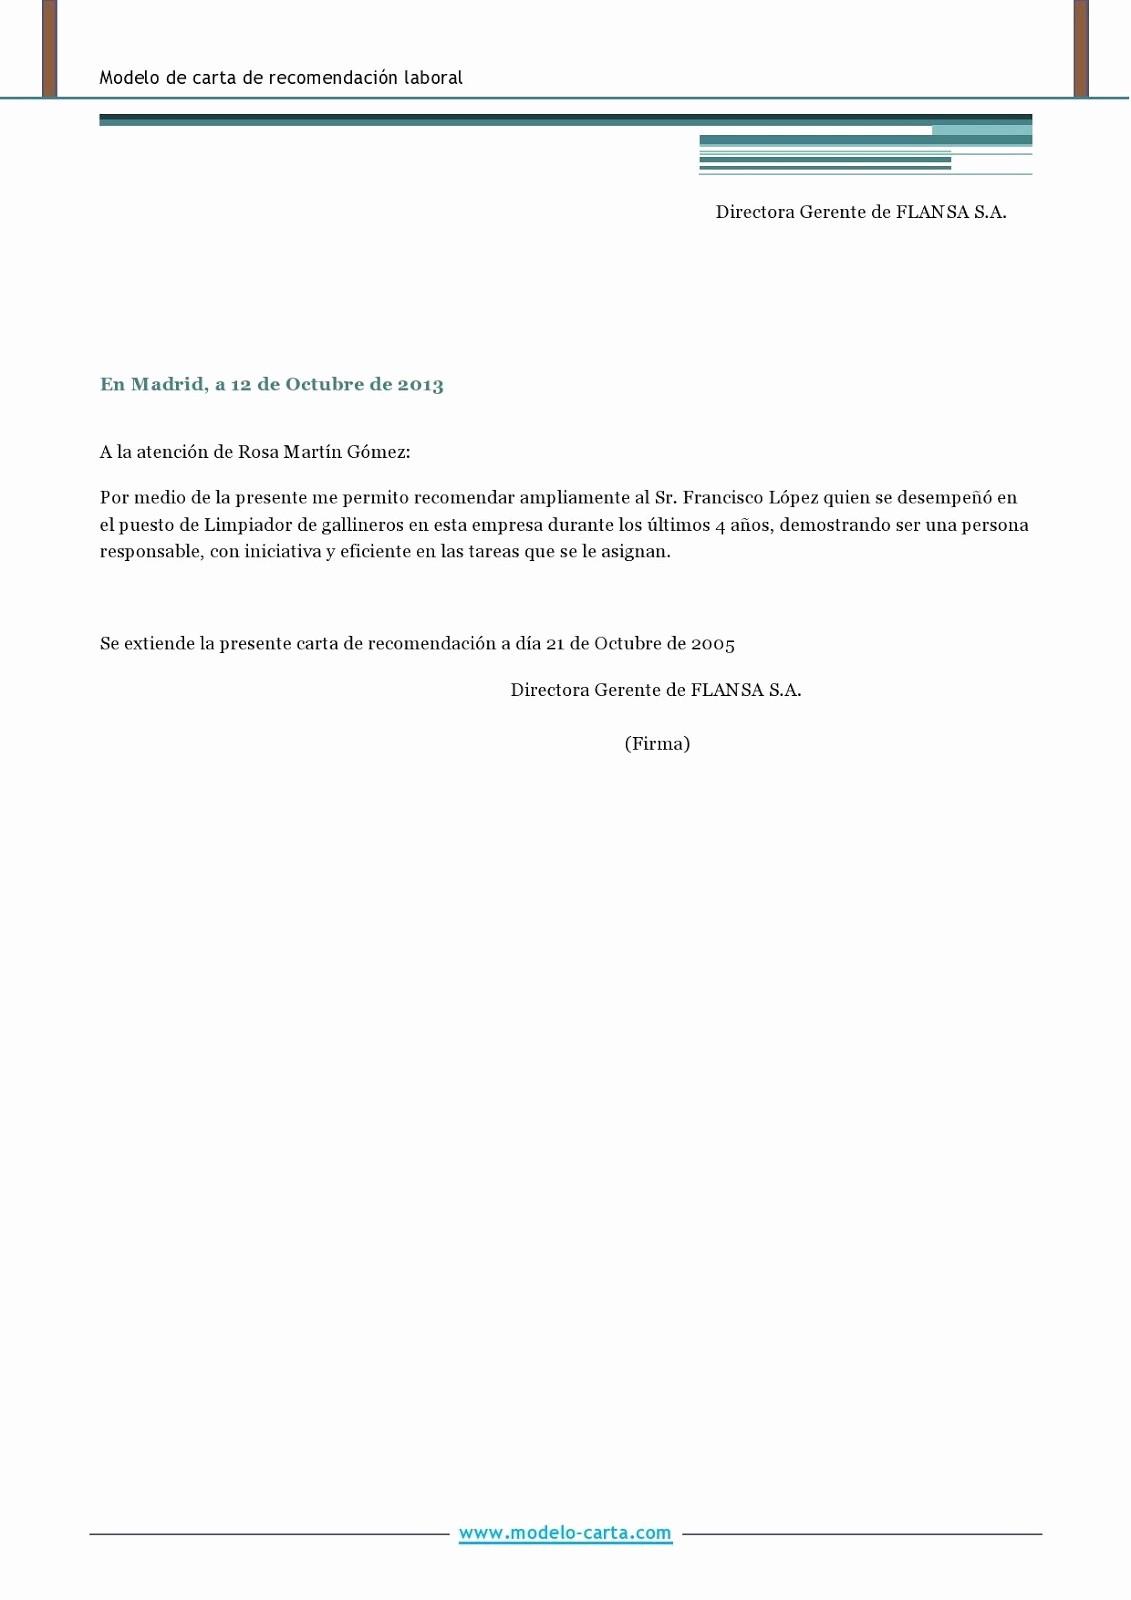 Formatos Carta De Recomendacion Laboral Awesome Carta De Re Endacion Personal Word Wood Scribd Mexico